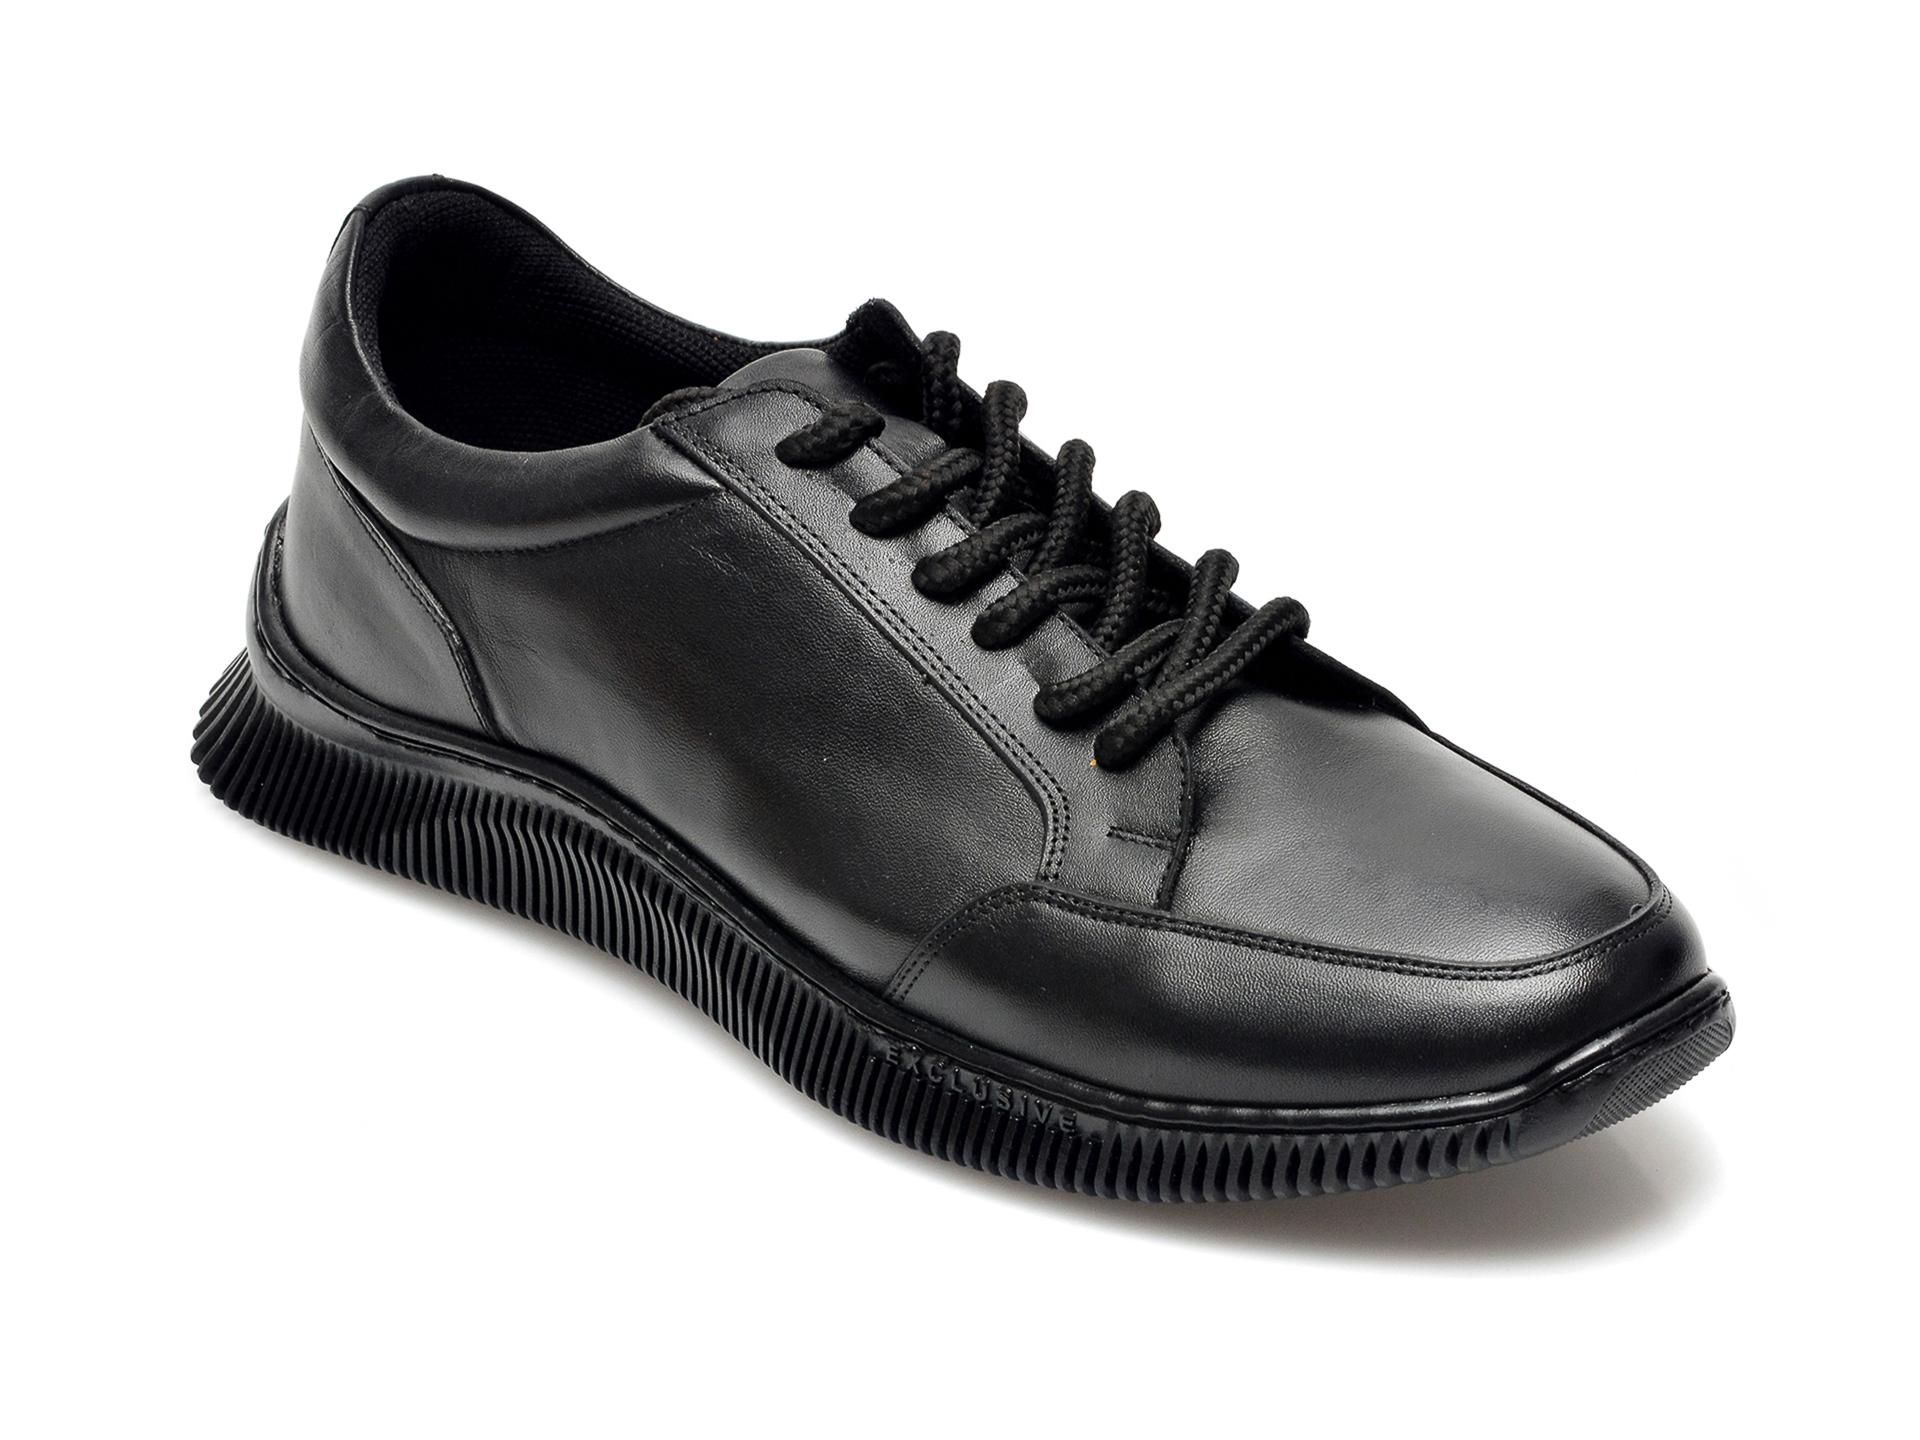 Pantofi OTTER negri, 2143, din piele naturala imagine otter.ro 2021